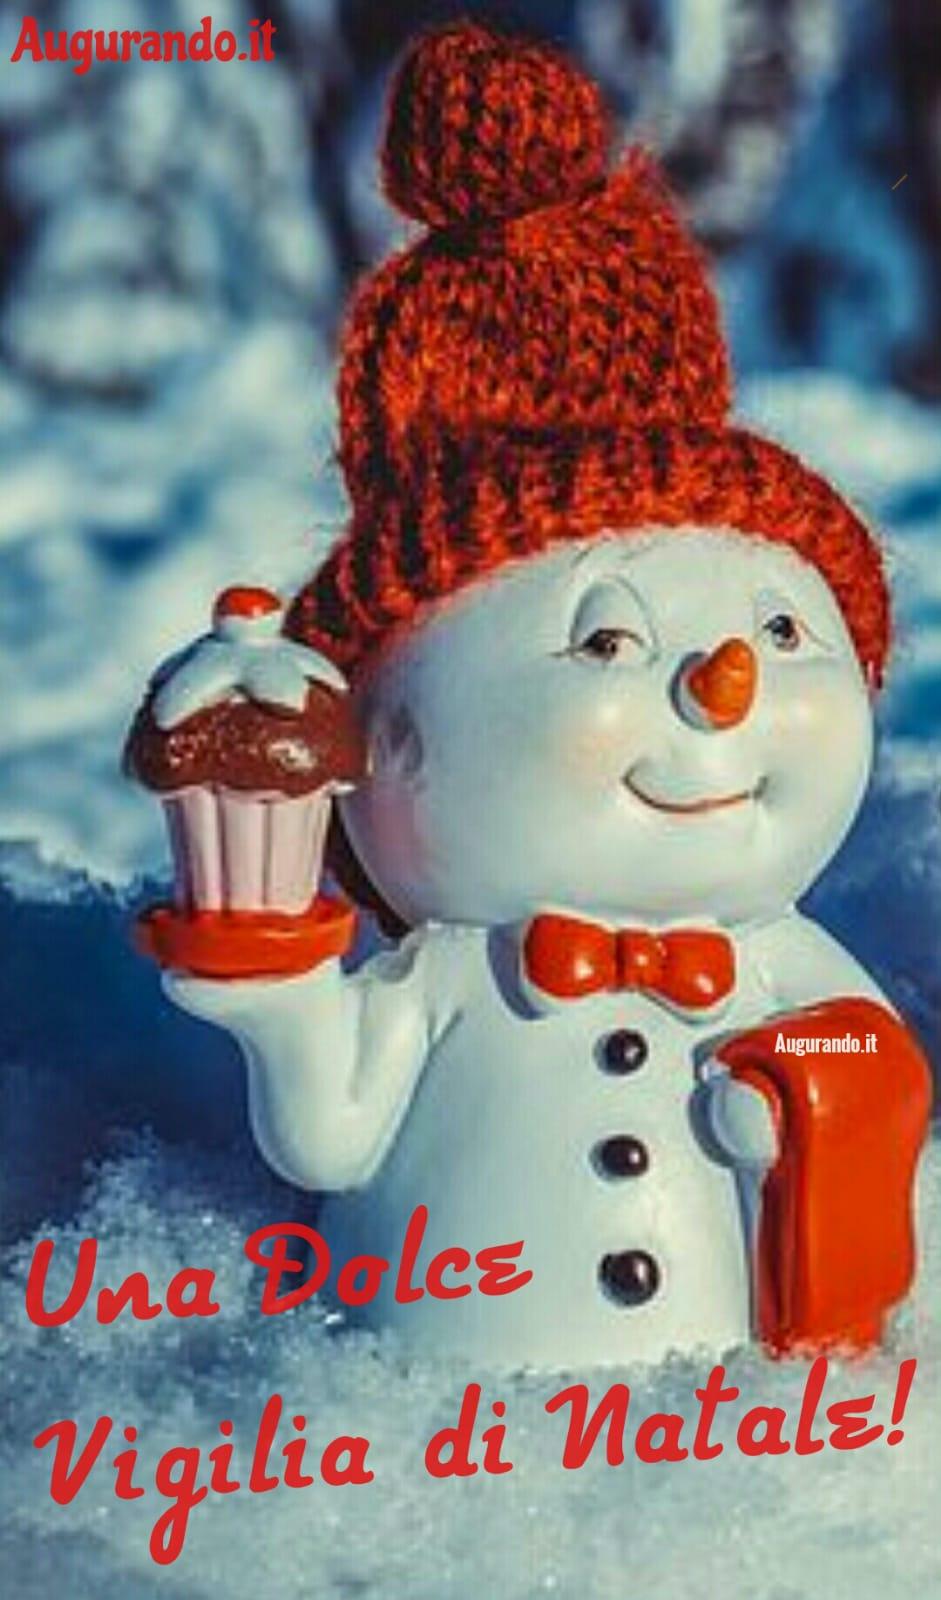 Immagini Del Buongiorno Di Natale.Le Migliori Immagini Del Buongiorno Per La Vigilia Di Natale